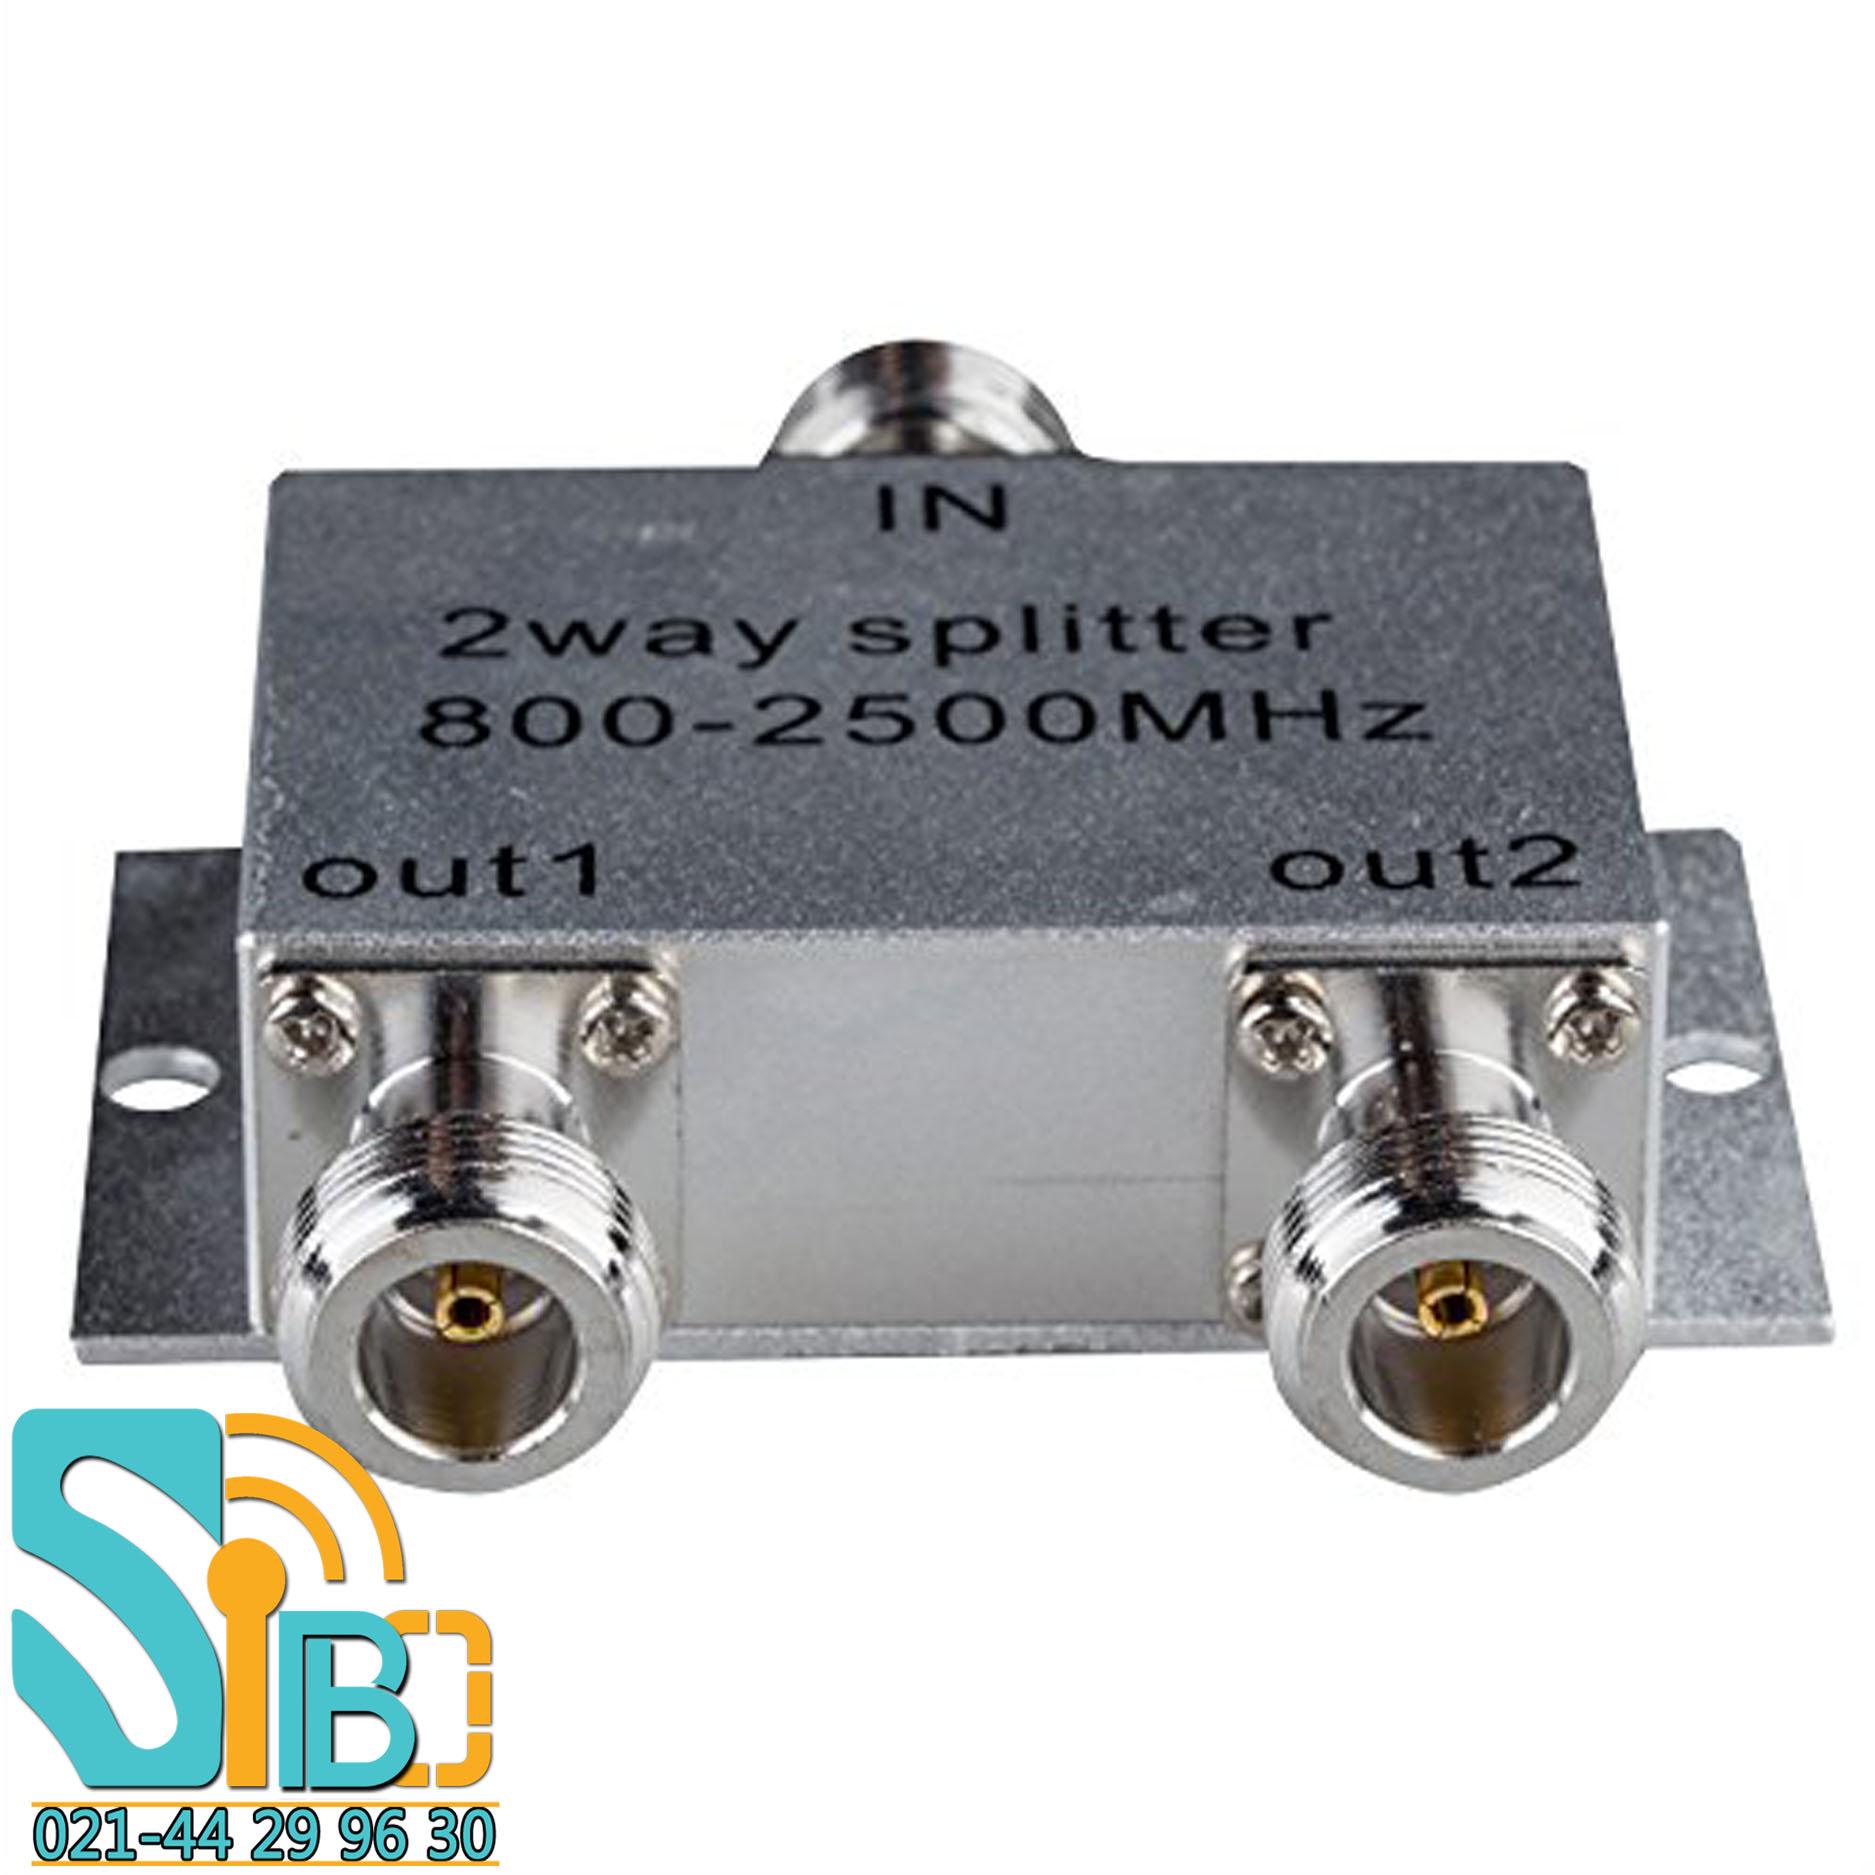 Power Splitter 800-2500MHz